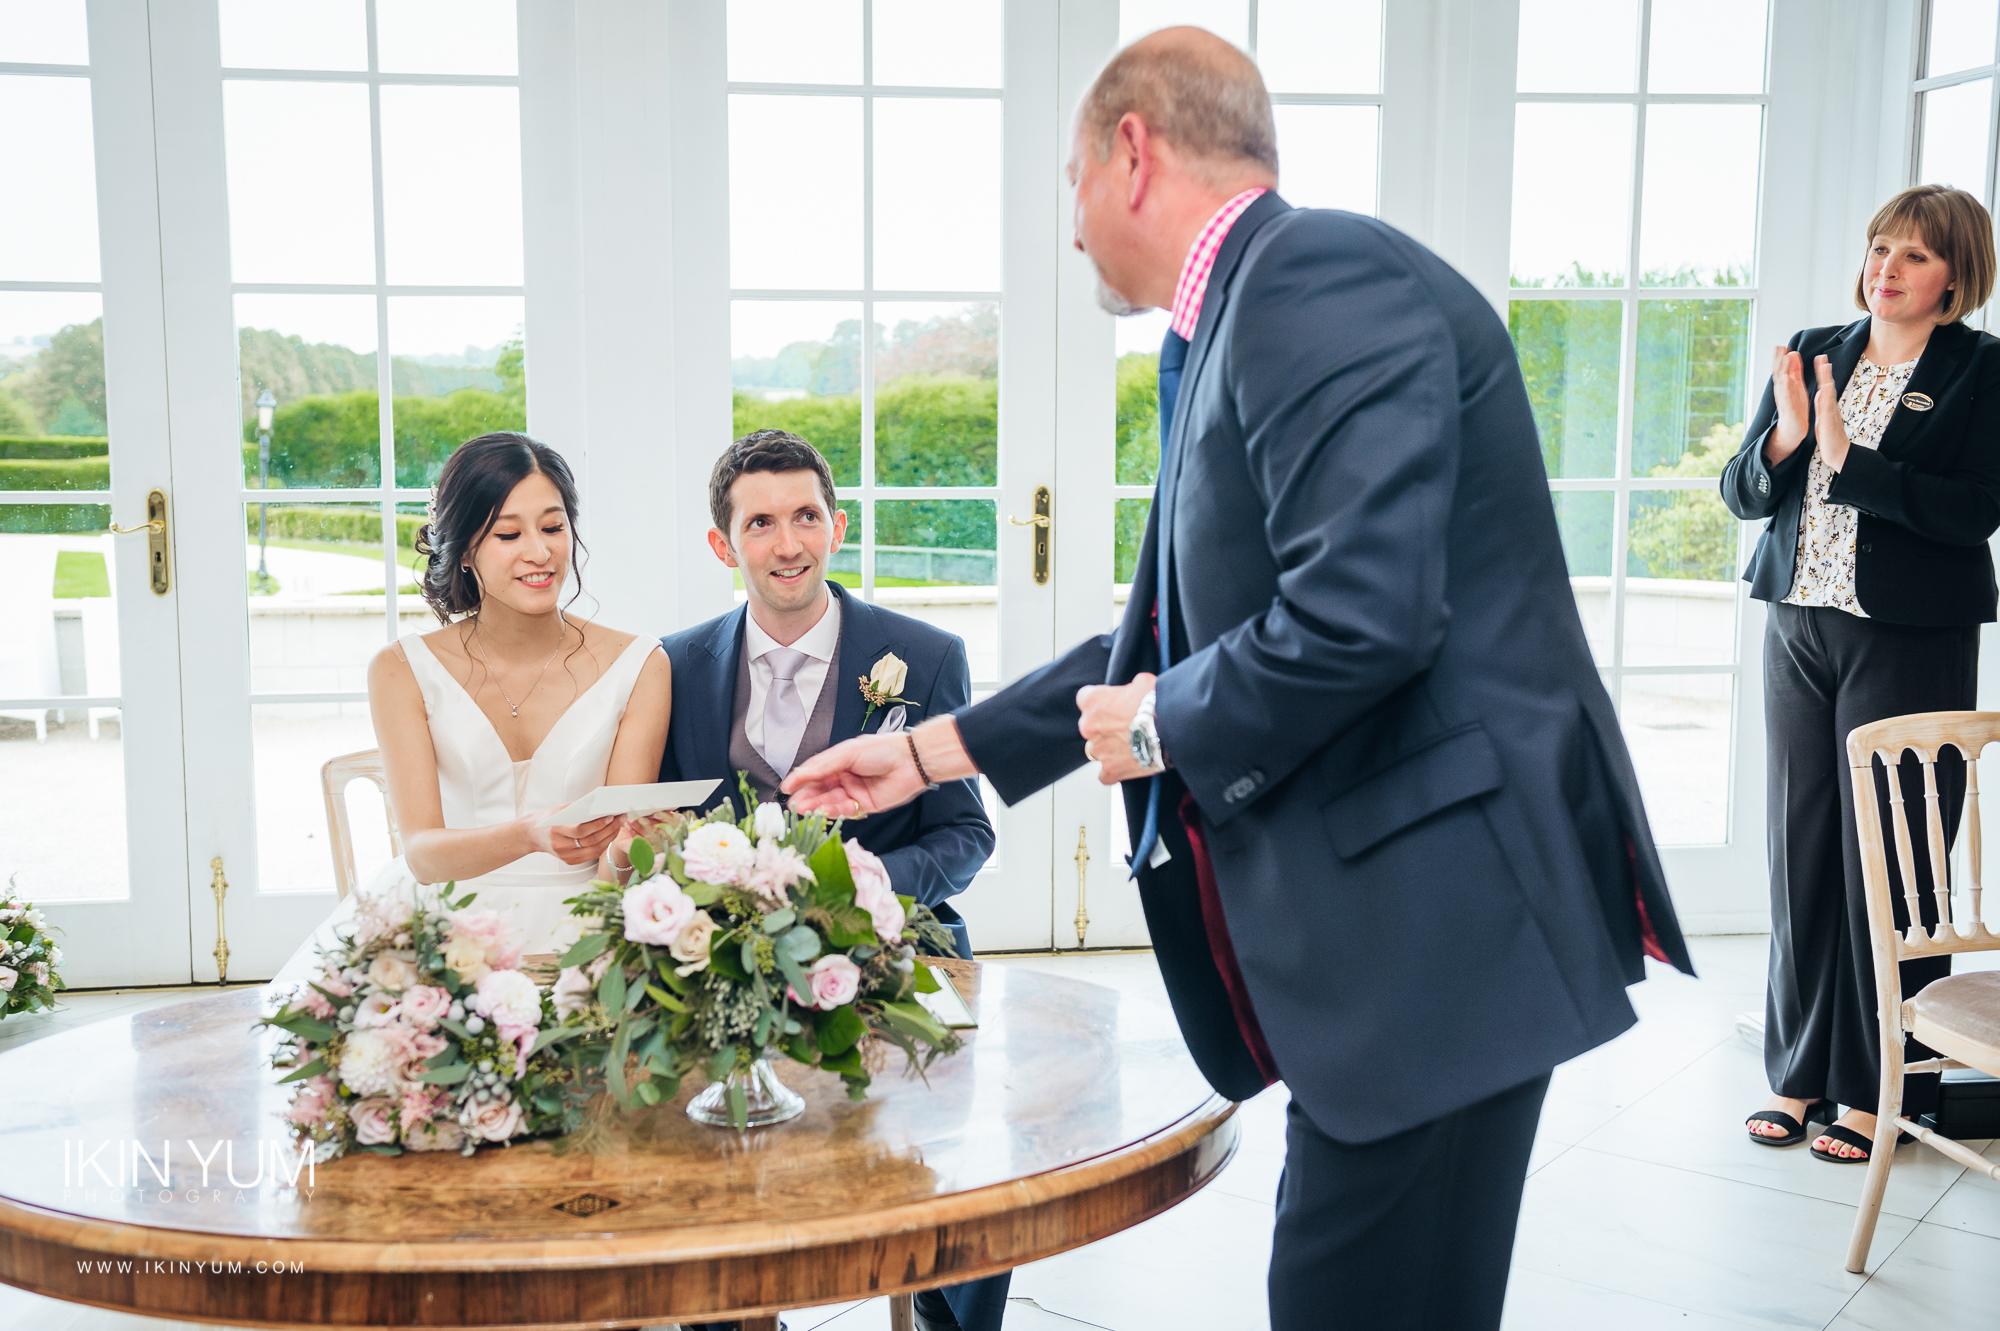 Nicola & Jonny Wedding Day - Ikin Yum Photography-082.jpg